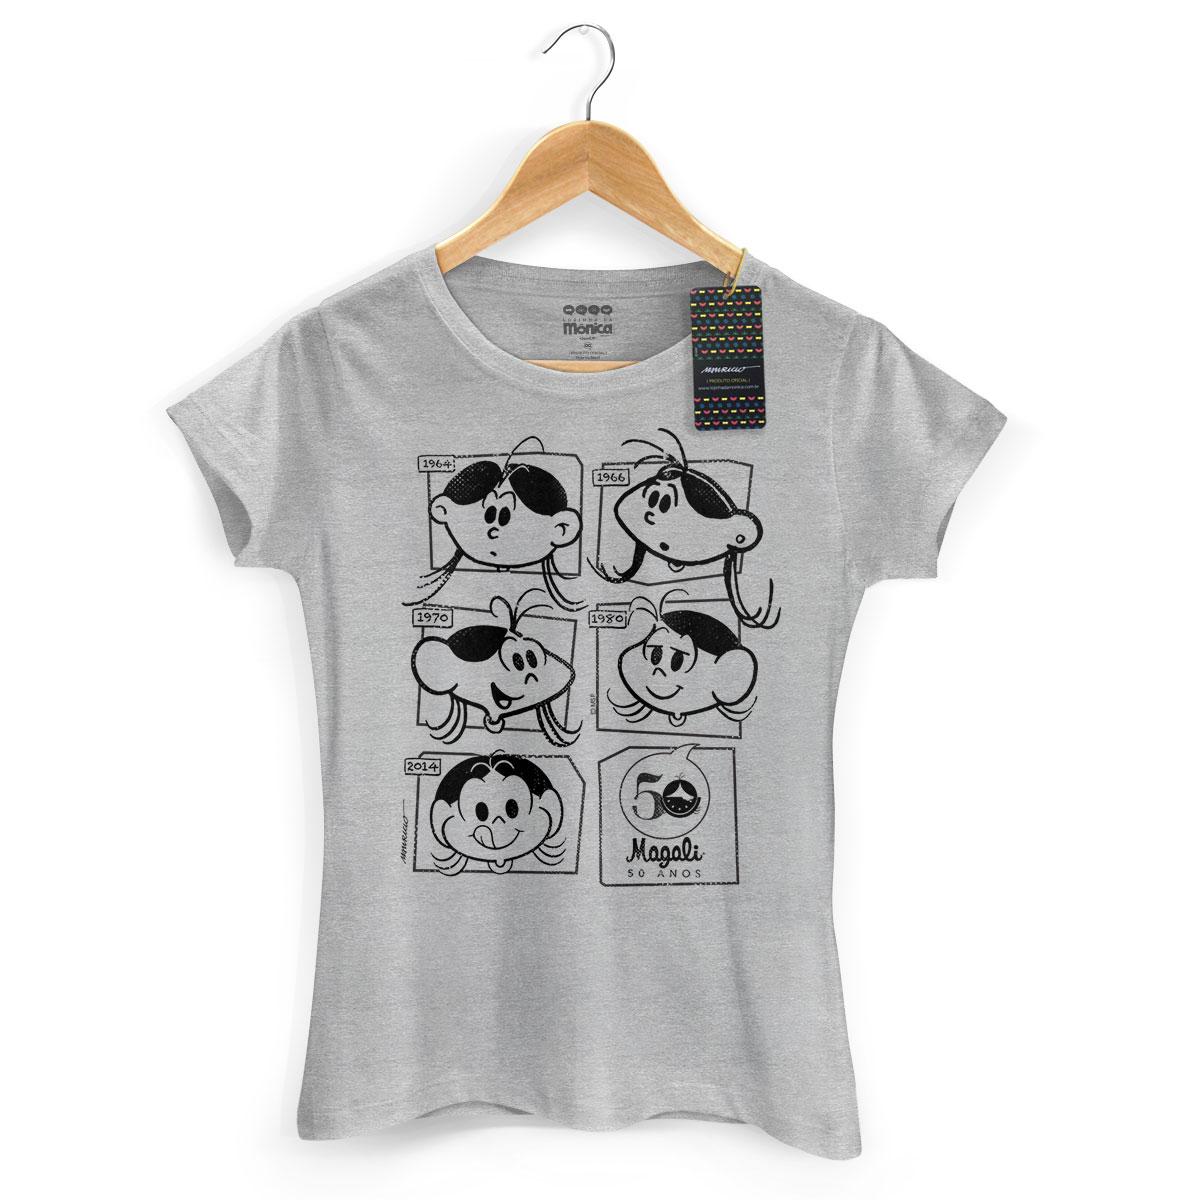 Camiseta Feminina Magali 50 Anos Evolução